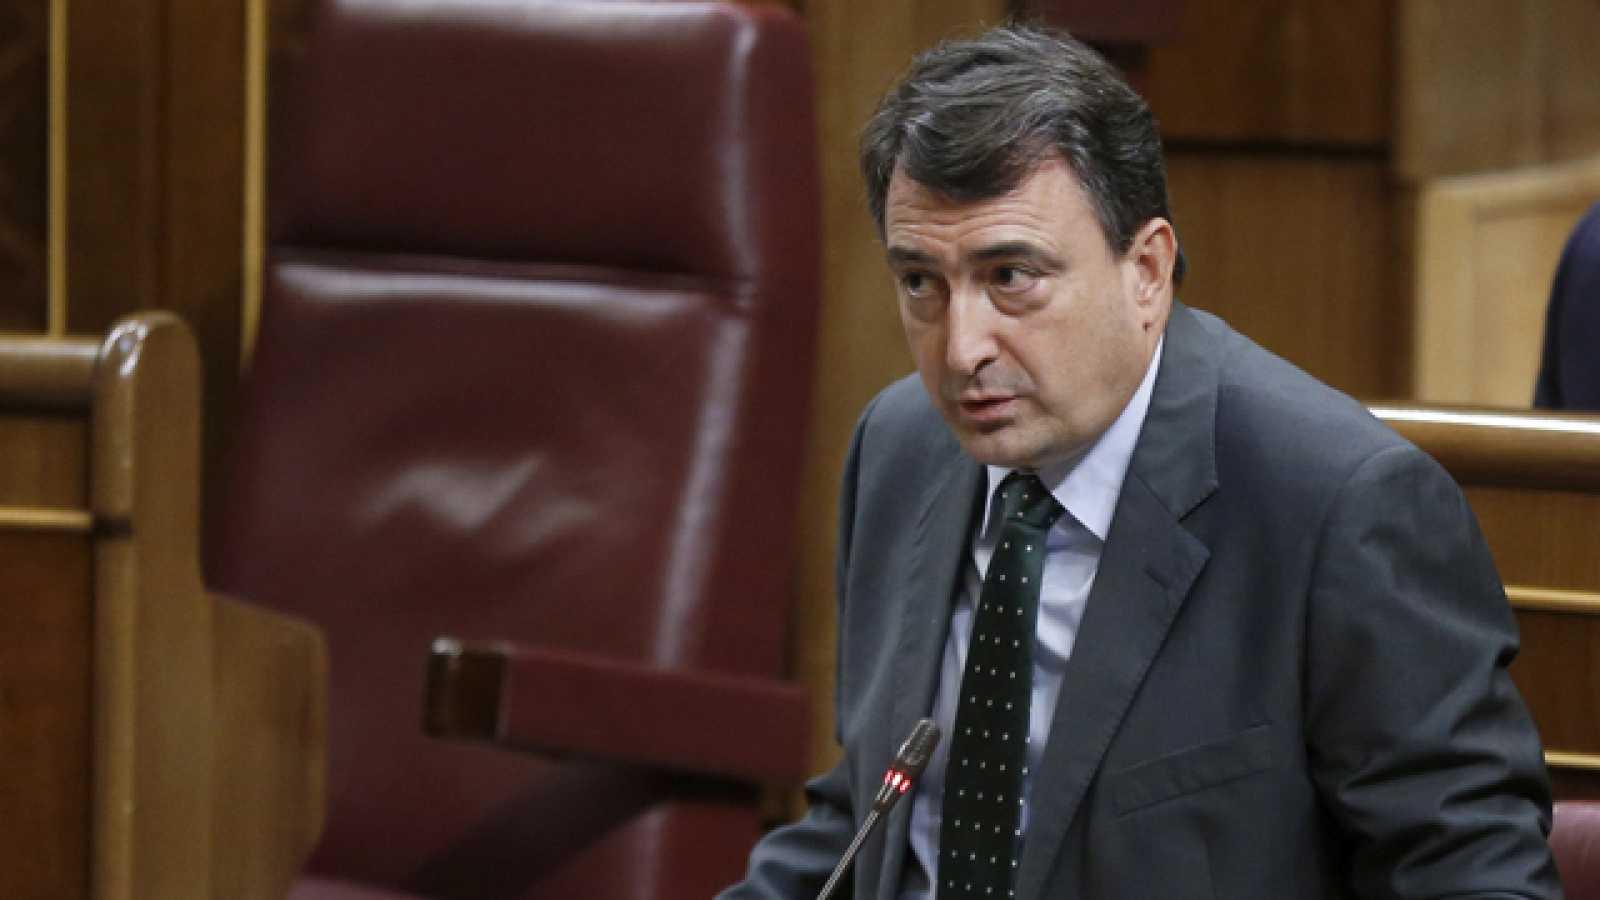 [PSOE] Proposiciónde Ley de Derogación del Real Decreto-Ley 3/2012, de 10 de febrero, de medidas urgentes para la reforma del mercado laboral. 3707538?w=1600&preview=1472654335145